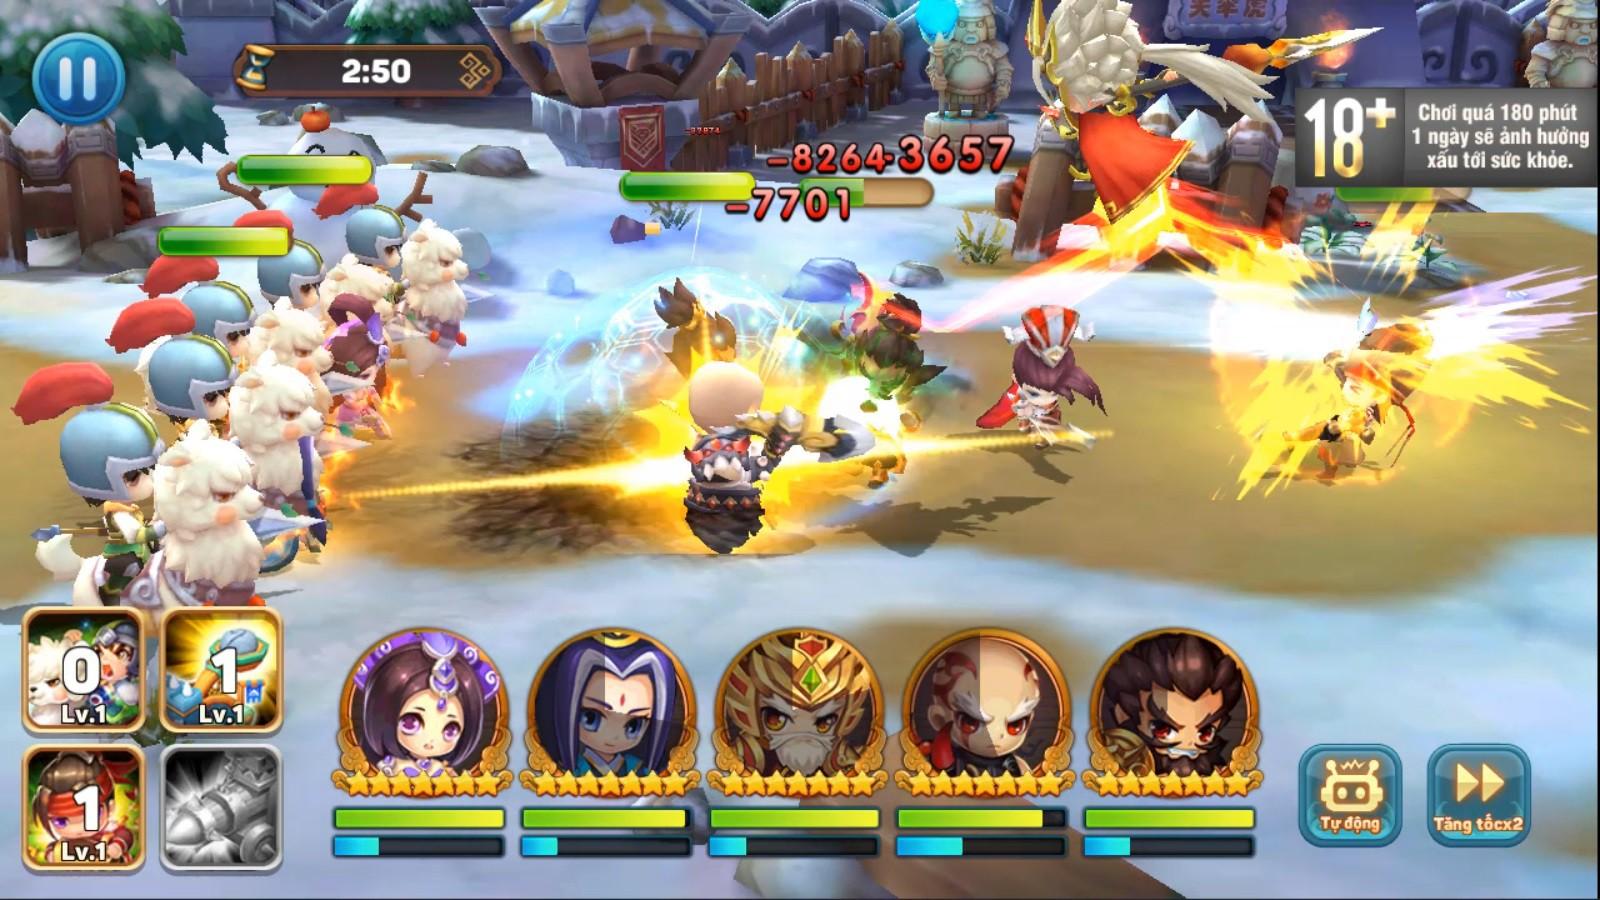 Ngoài đội hình chính, game quẩy Tết Tiểu Tiểu Tam Quốc Chí còn cho triệu hồi cả Xe bắn đá, Lính gỡ bom, Đạo quân Cừu max vui